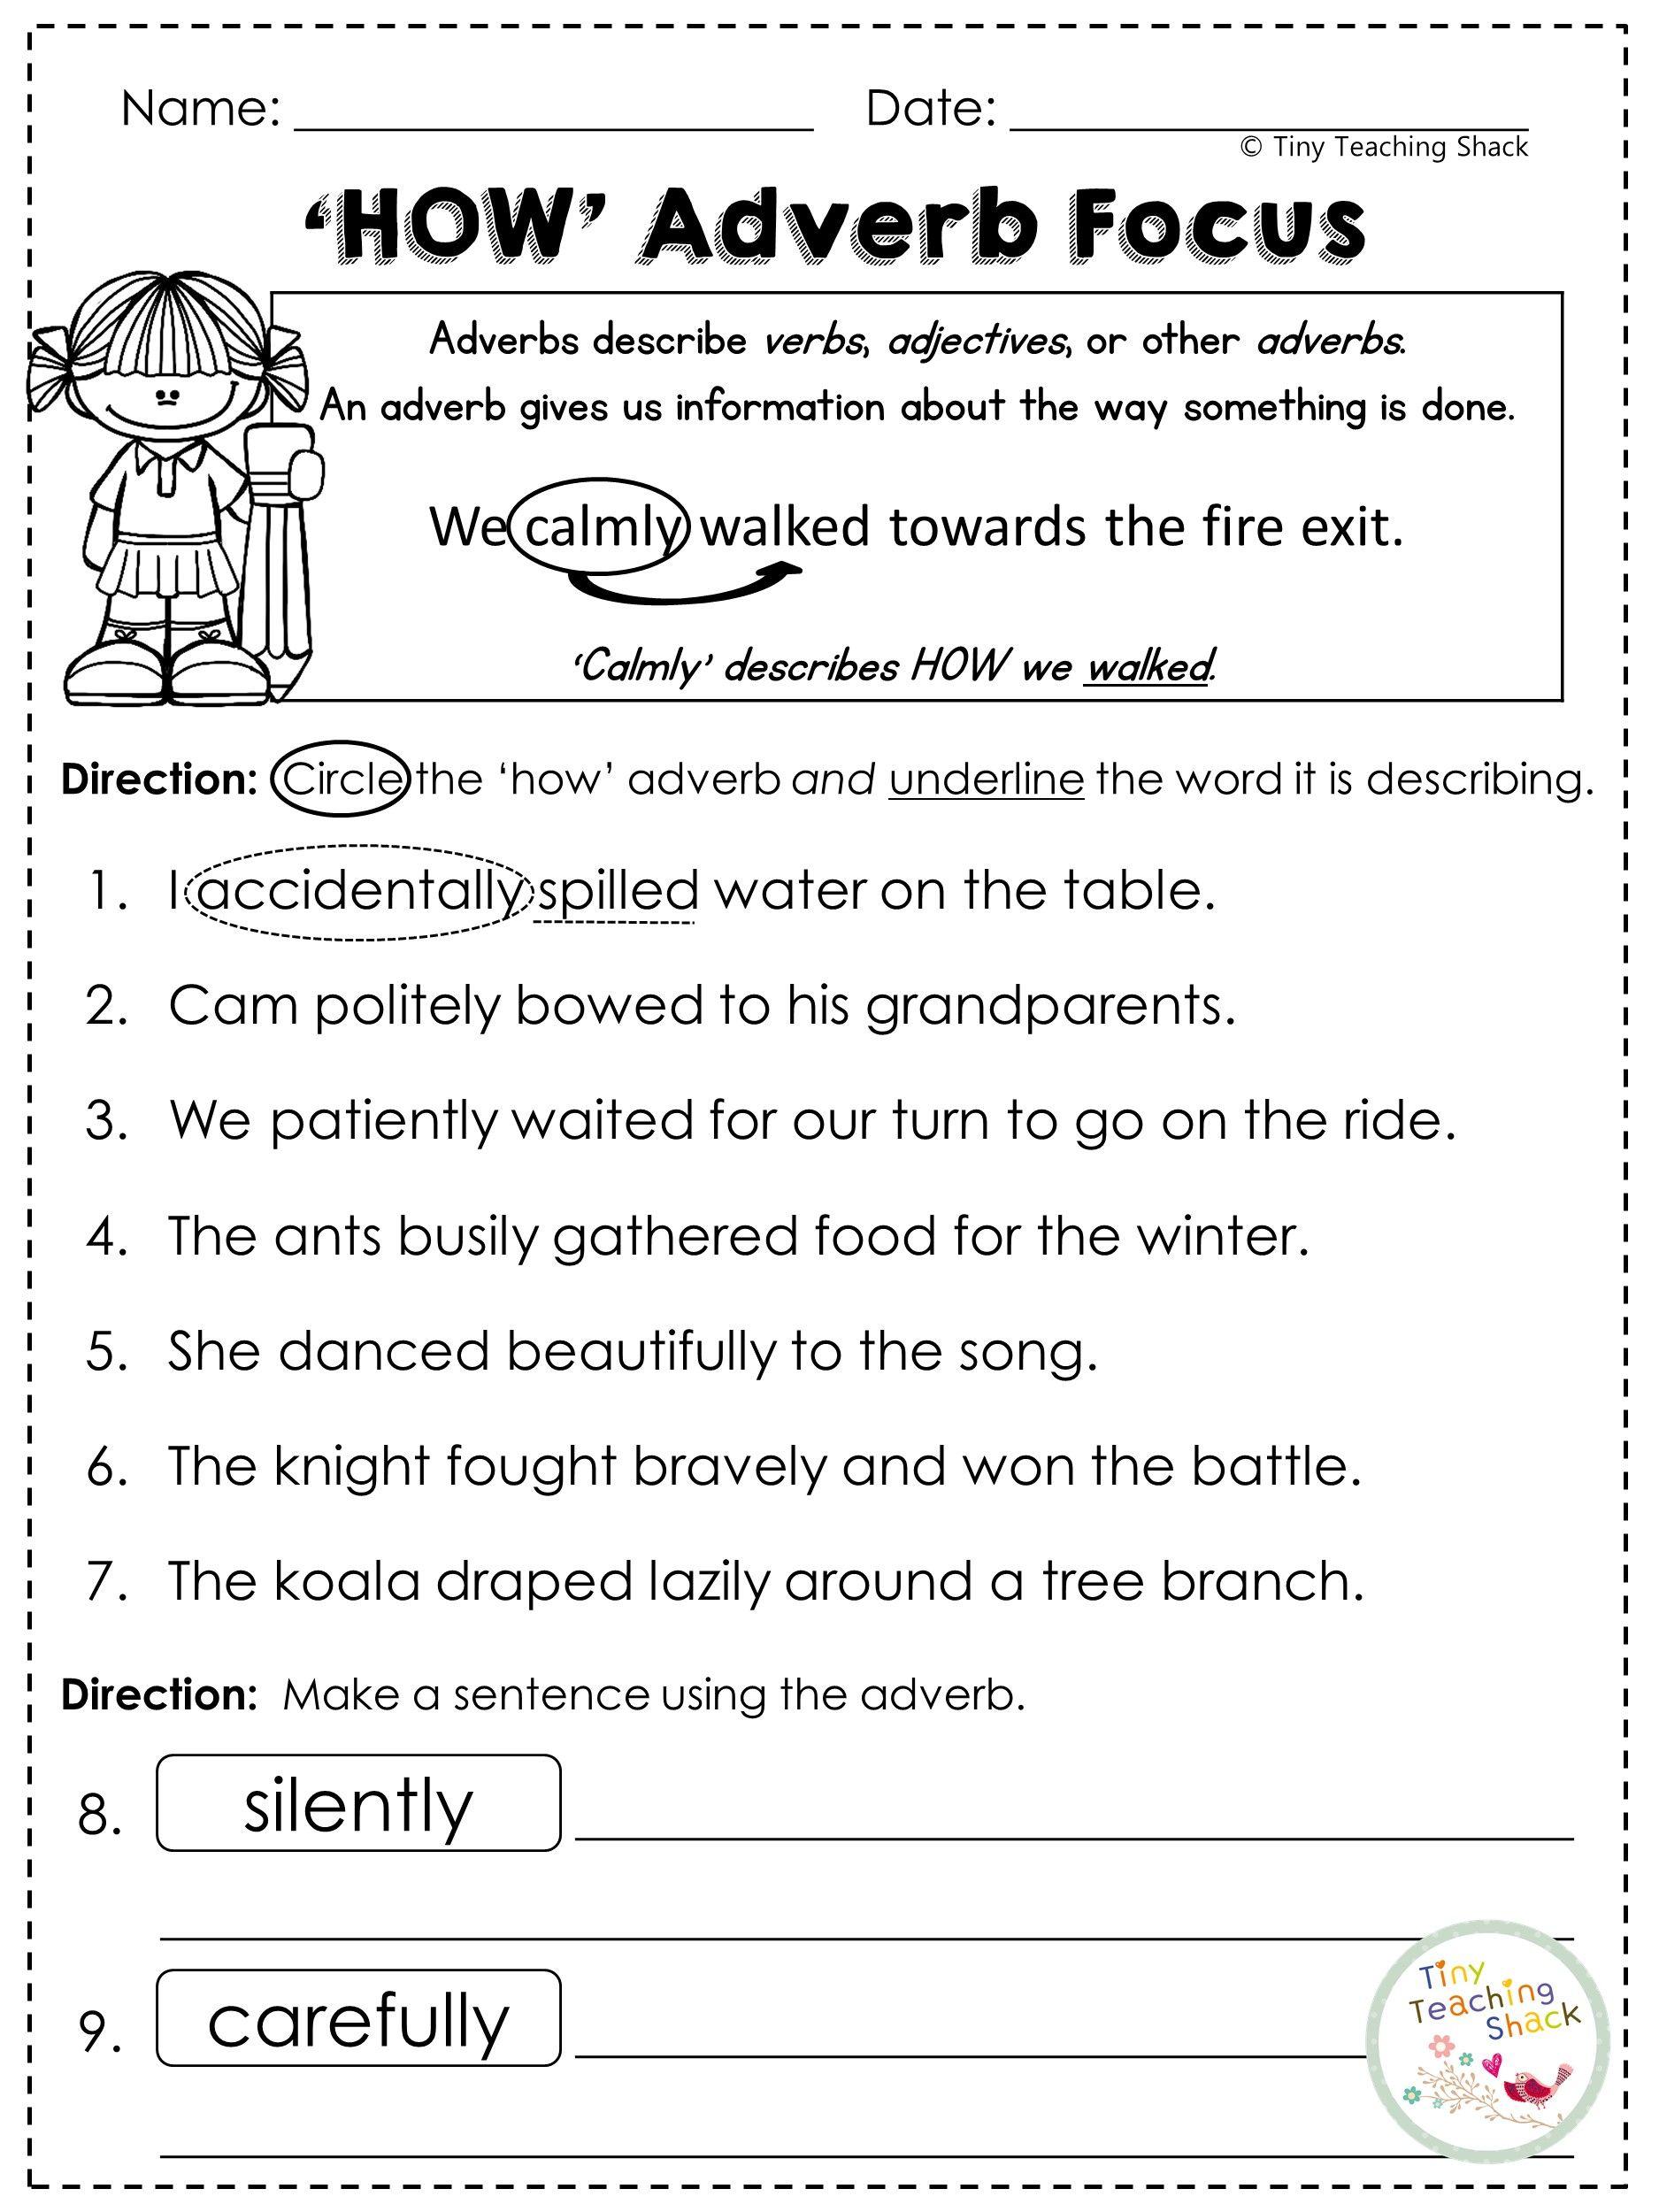 hight resolution of Adverbs worksheet   Adverbs worksheet